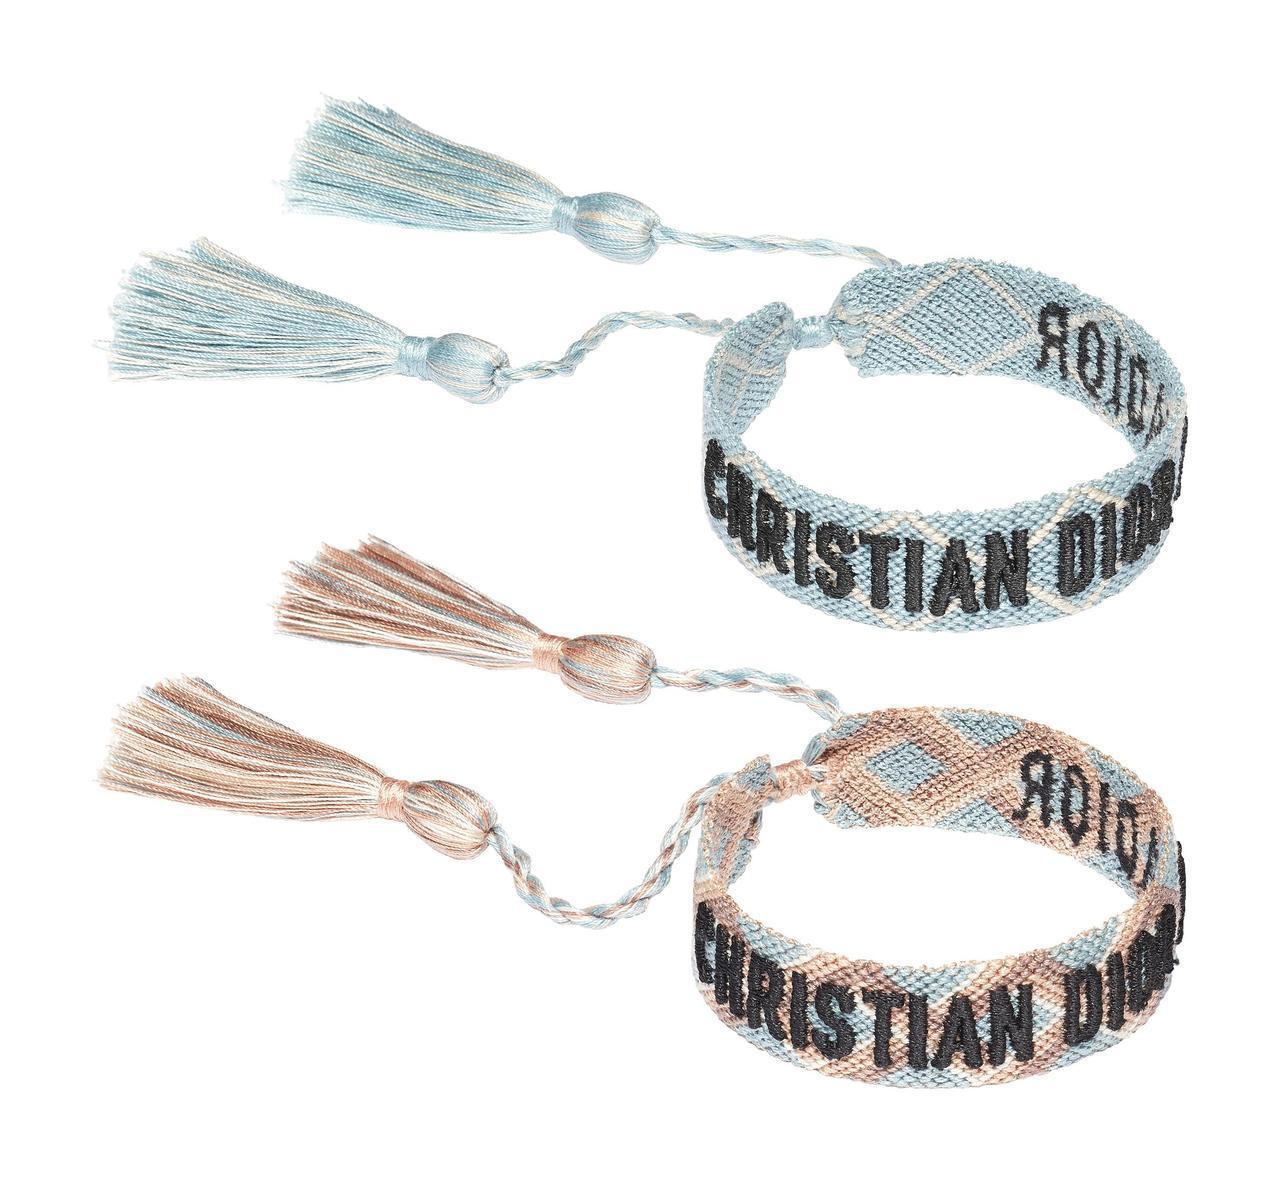 J'adior藍色、粉藍編織手環(2副1組),售價8,200元。圖/Dior提供